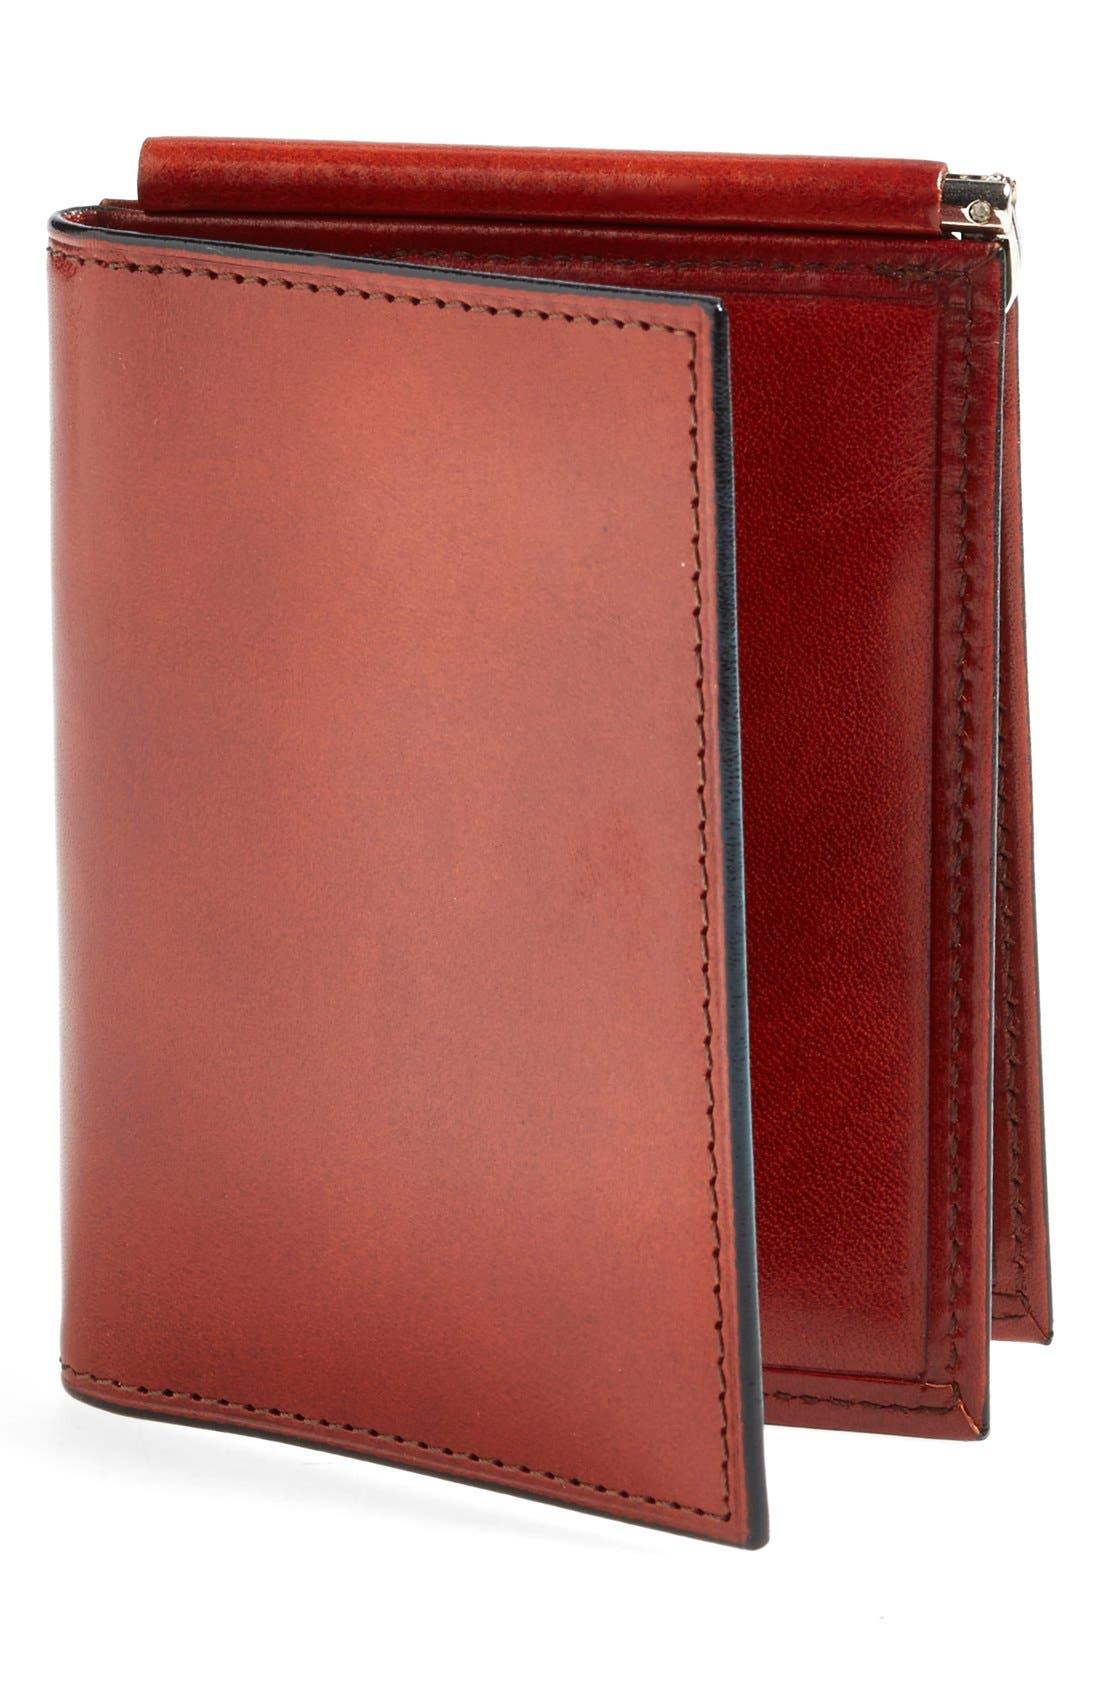 'Old Leather' Money Clip Wallet,                         Main,                         color, COGNAC